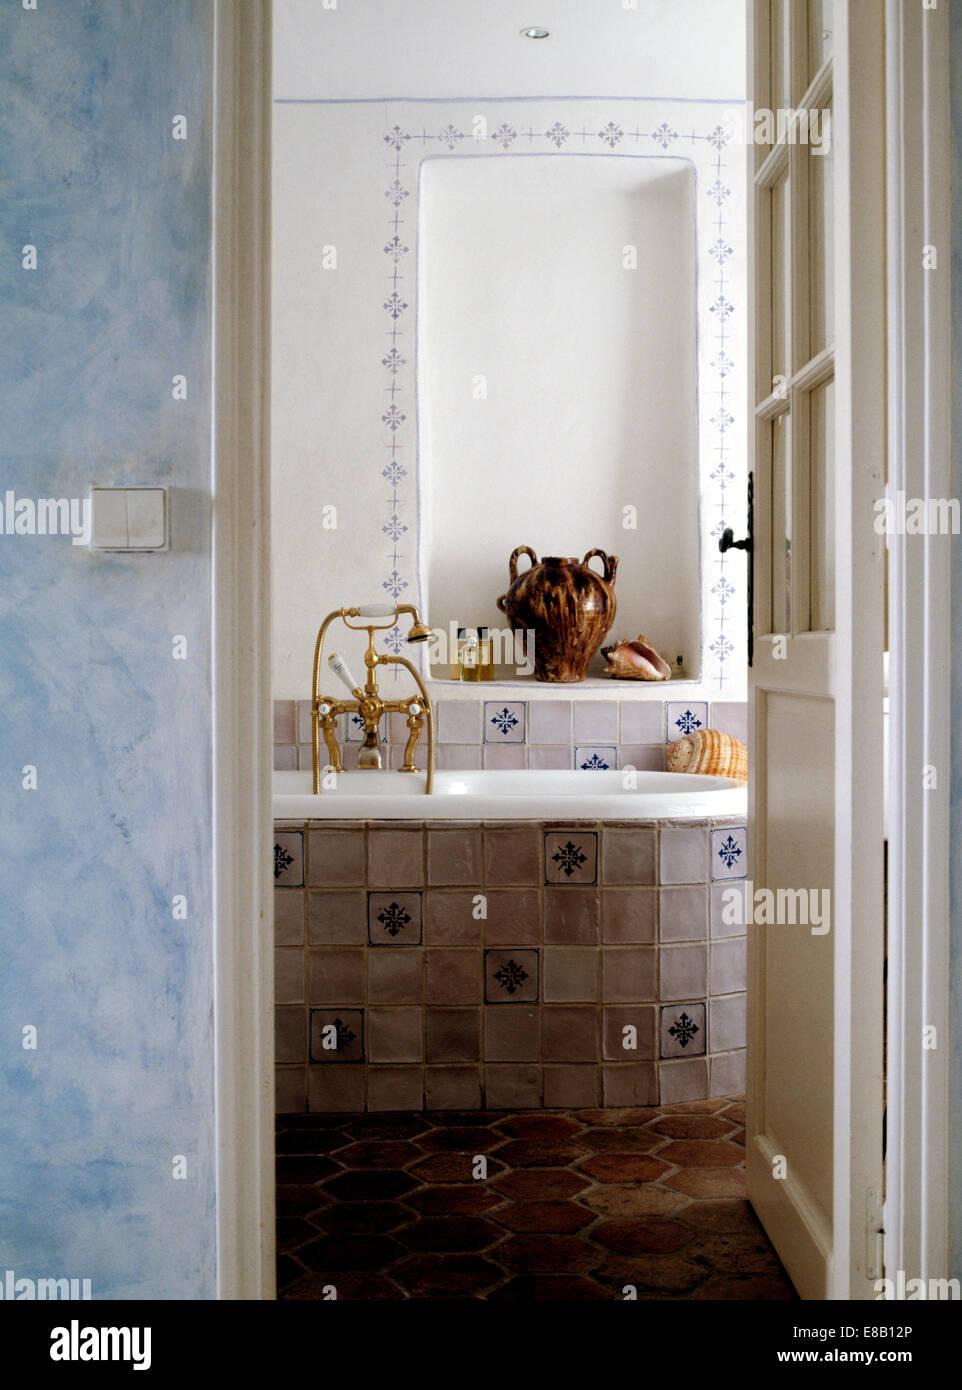 Exceptionnel Tür öffnen, Alkoven über Bad Mit Blau + Weiß Gefliesten Verkleidung In  Französischer Landhaus Badezimmer